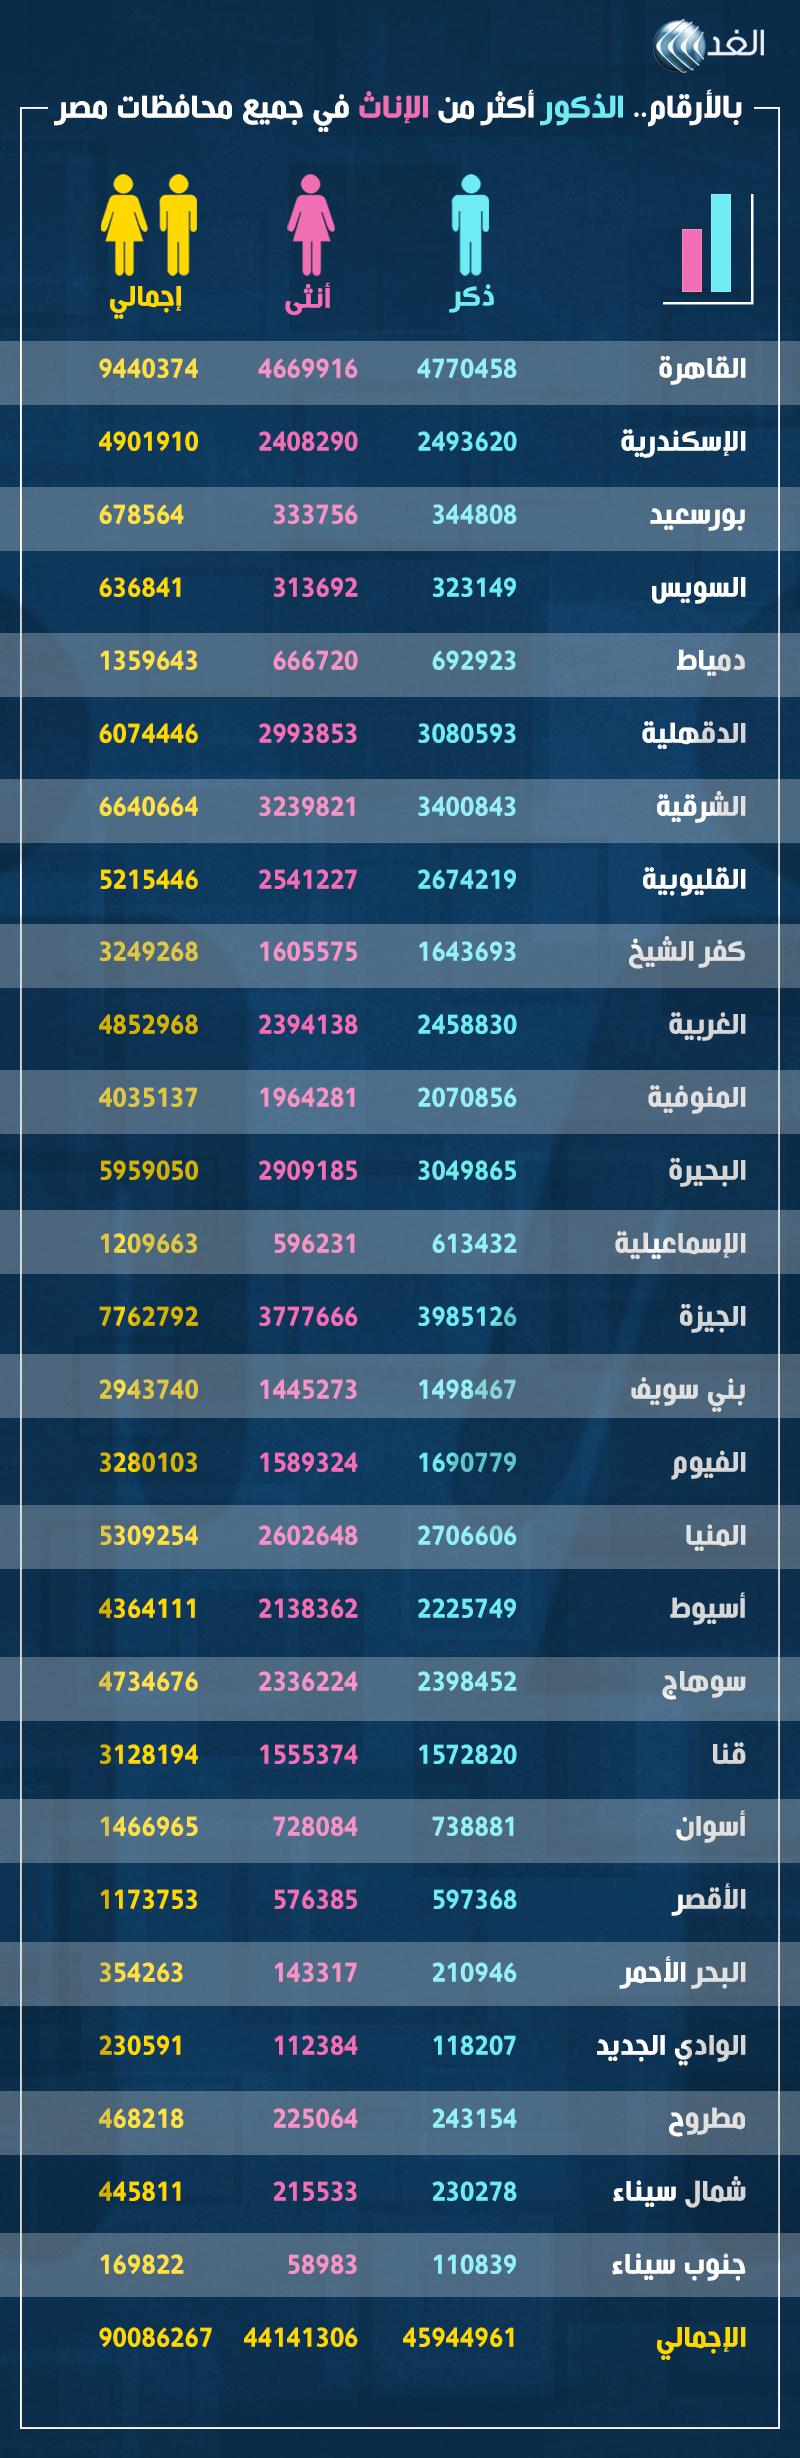 الإيدز انا أشتكى الفئة عدد السكان فى محافظات مصر Comertinsaat Com